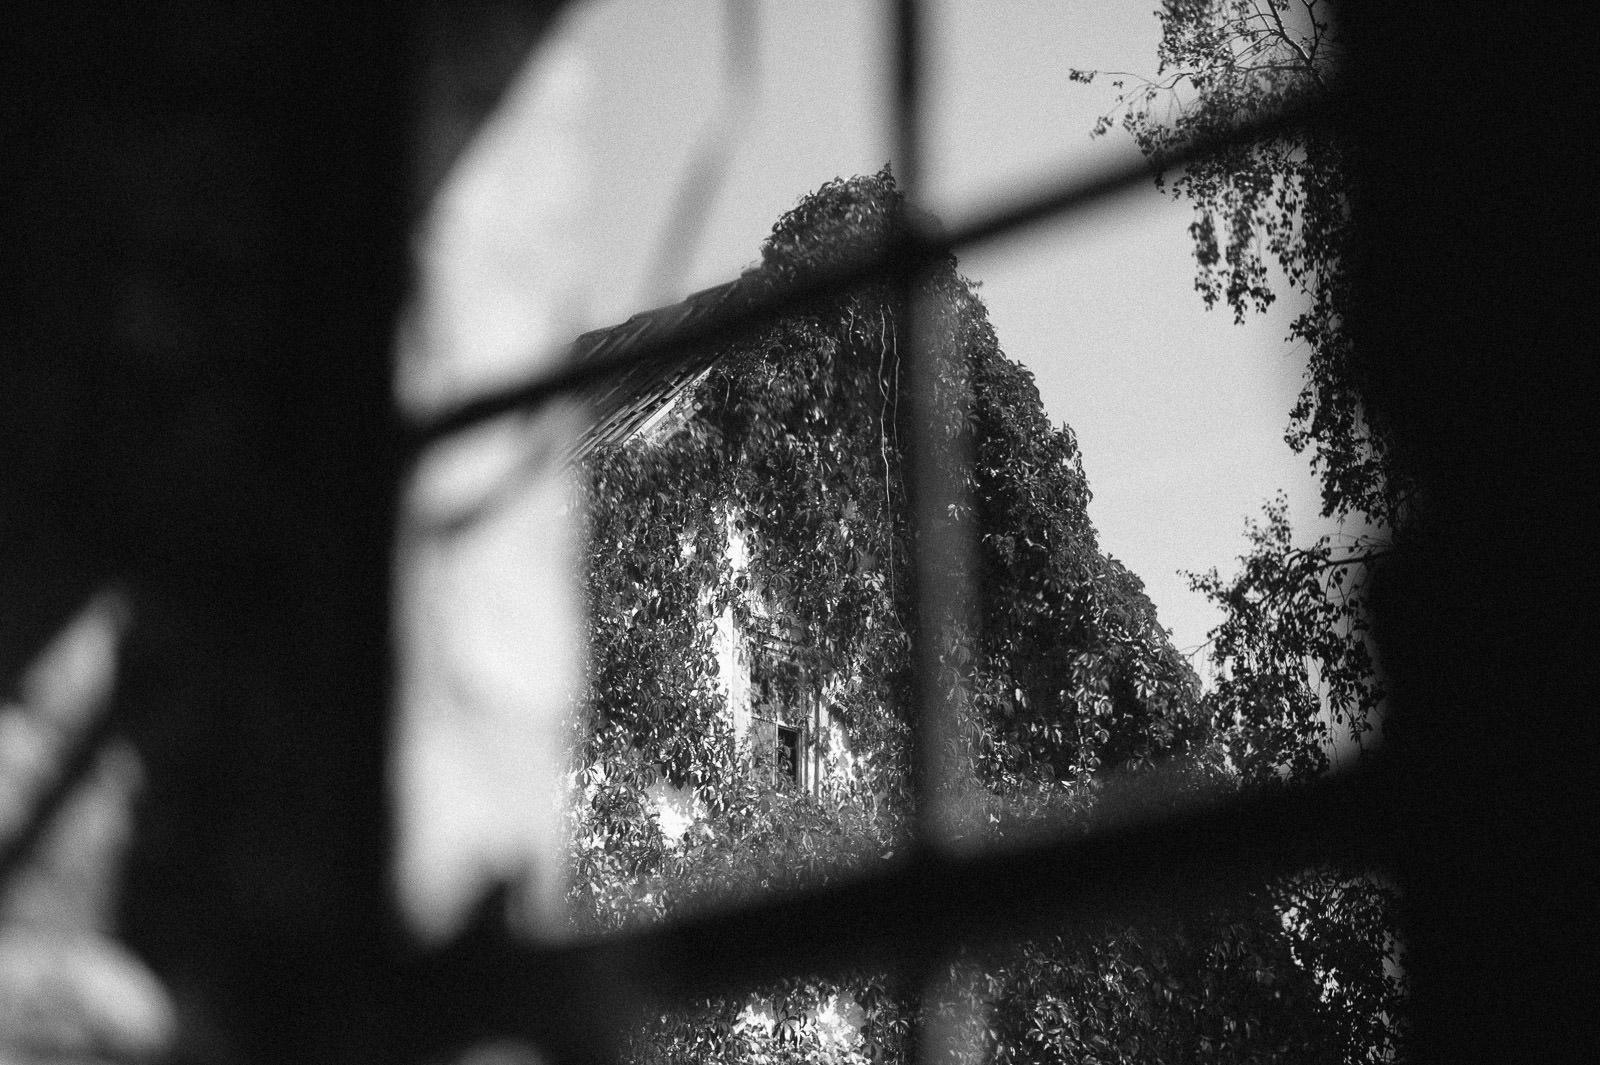 hochzeit-wasserschloss-unsleben-hochzeitsfotograf-008